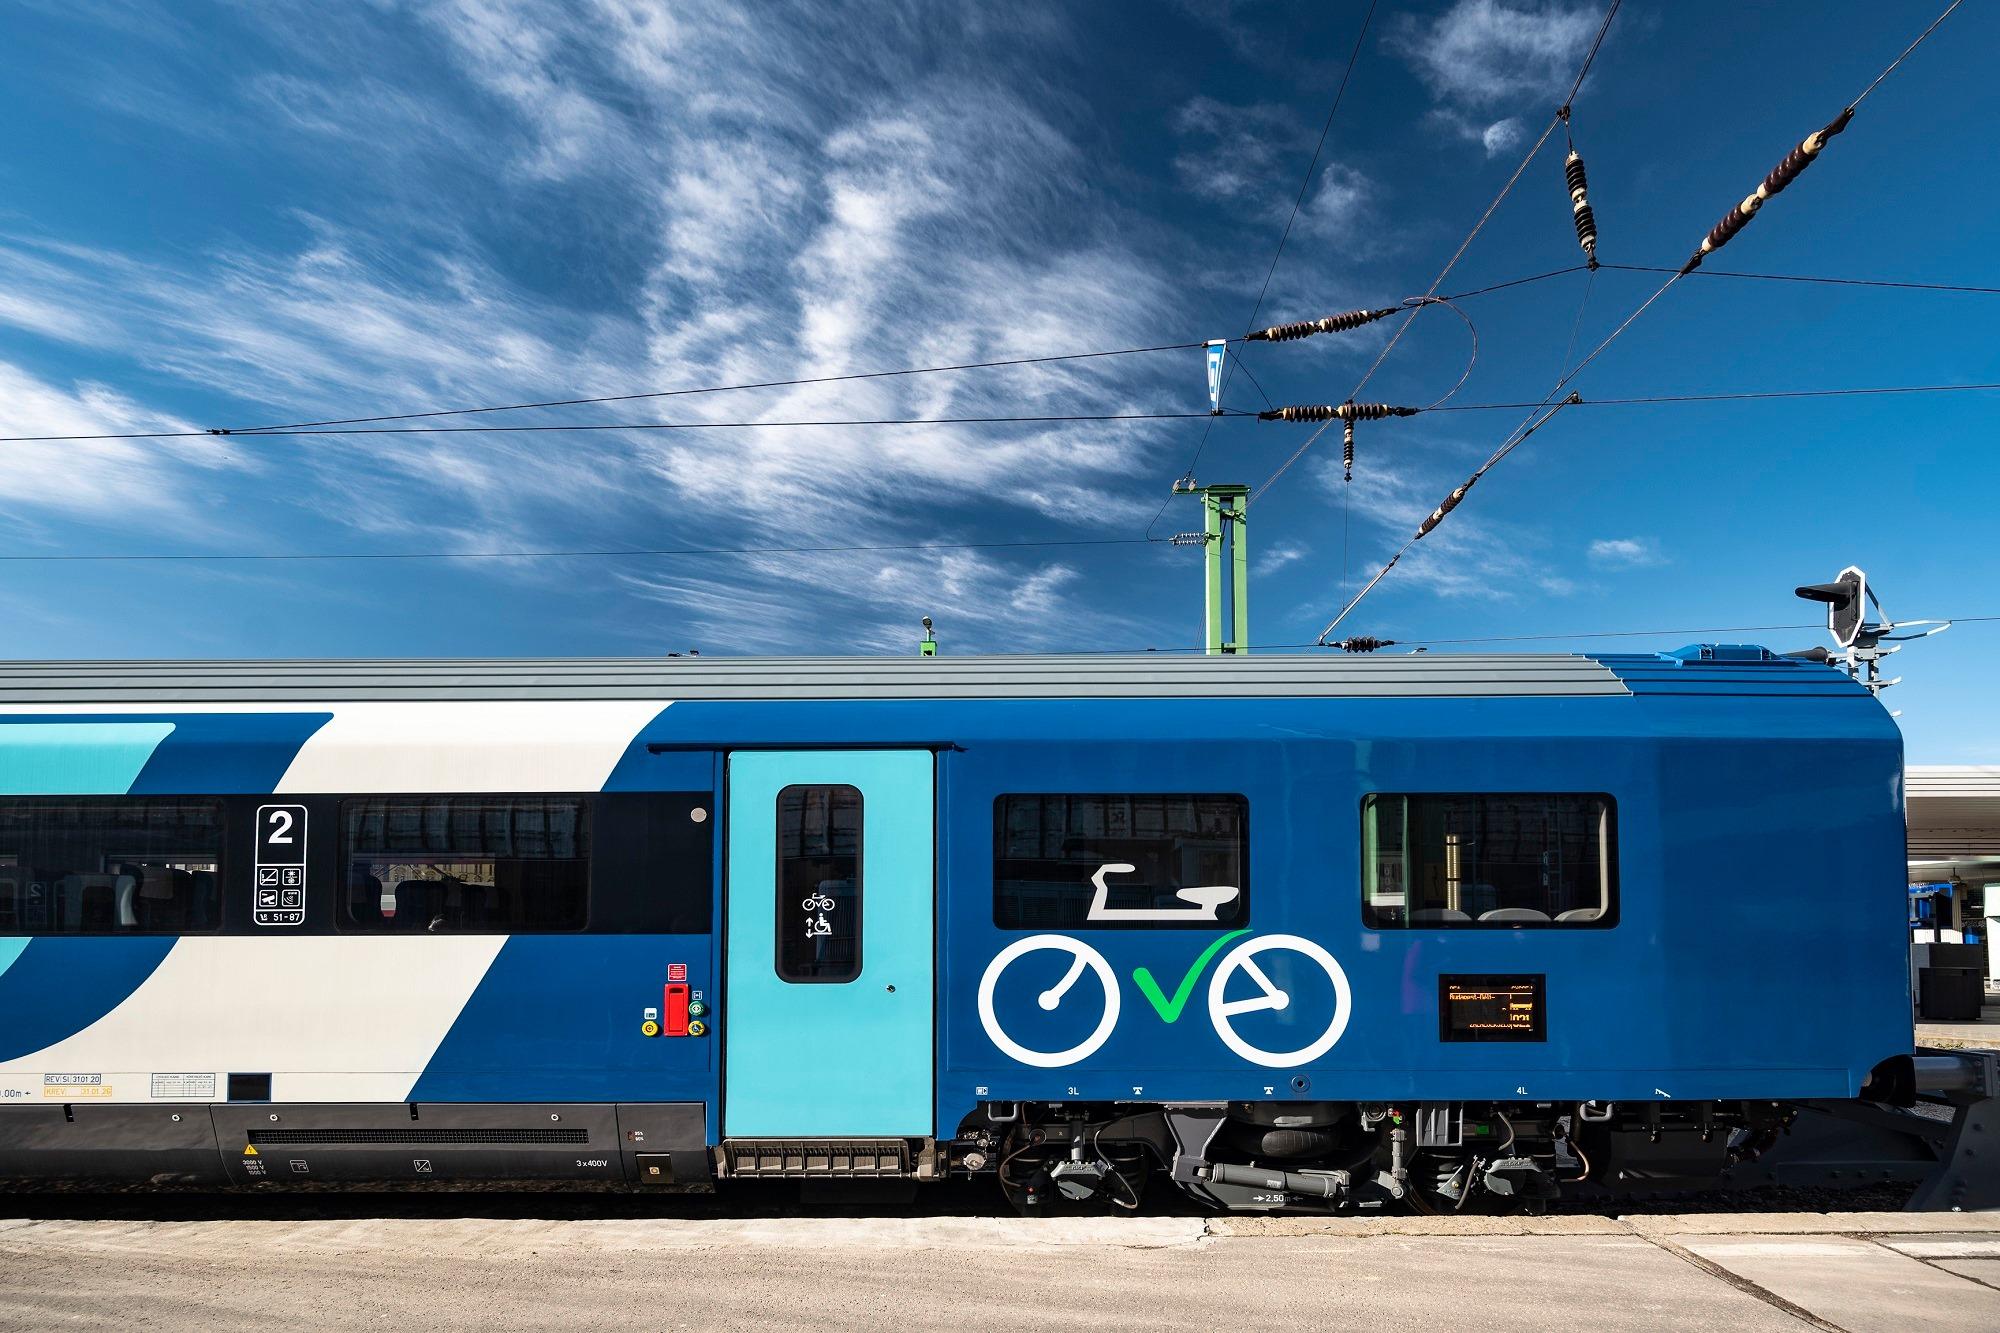 Studie: Ungarische Staatsbahnen (MÁV) fahrradfreundlicher als DB und ÖBB!